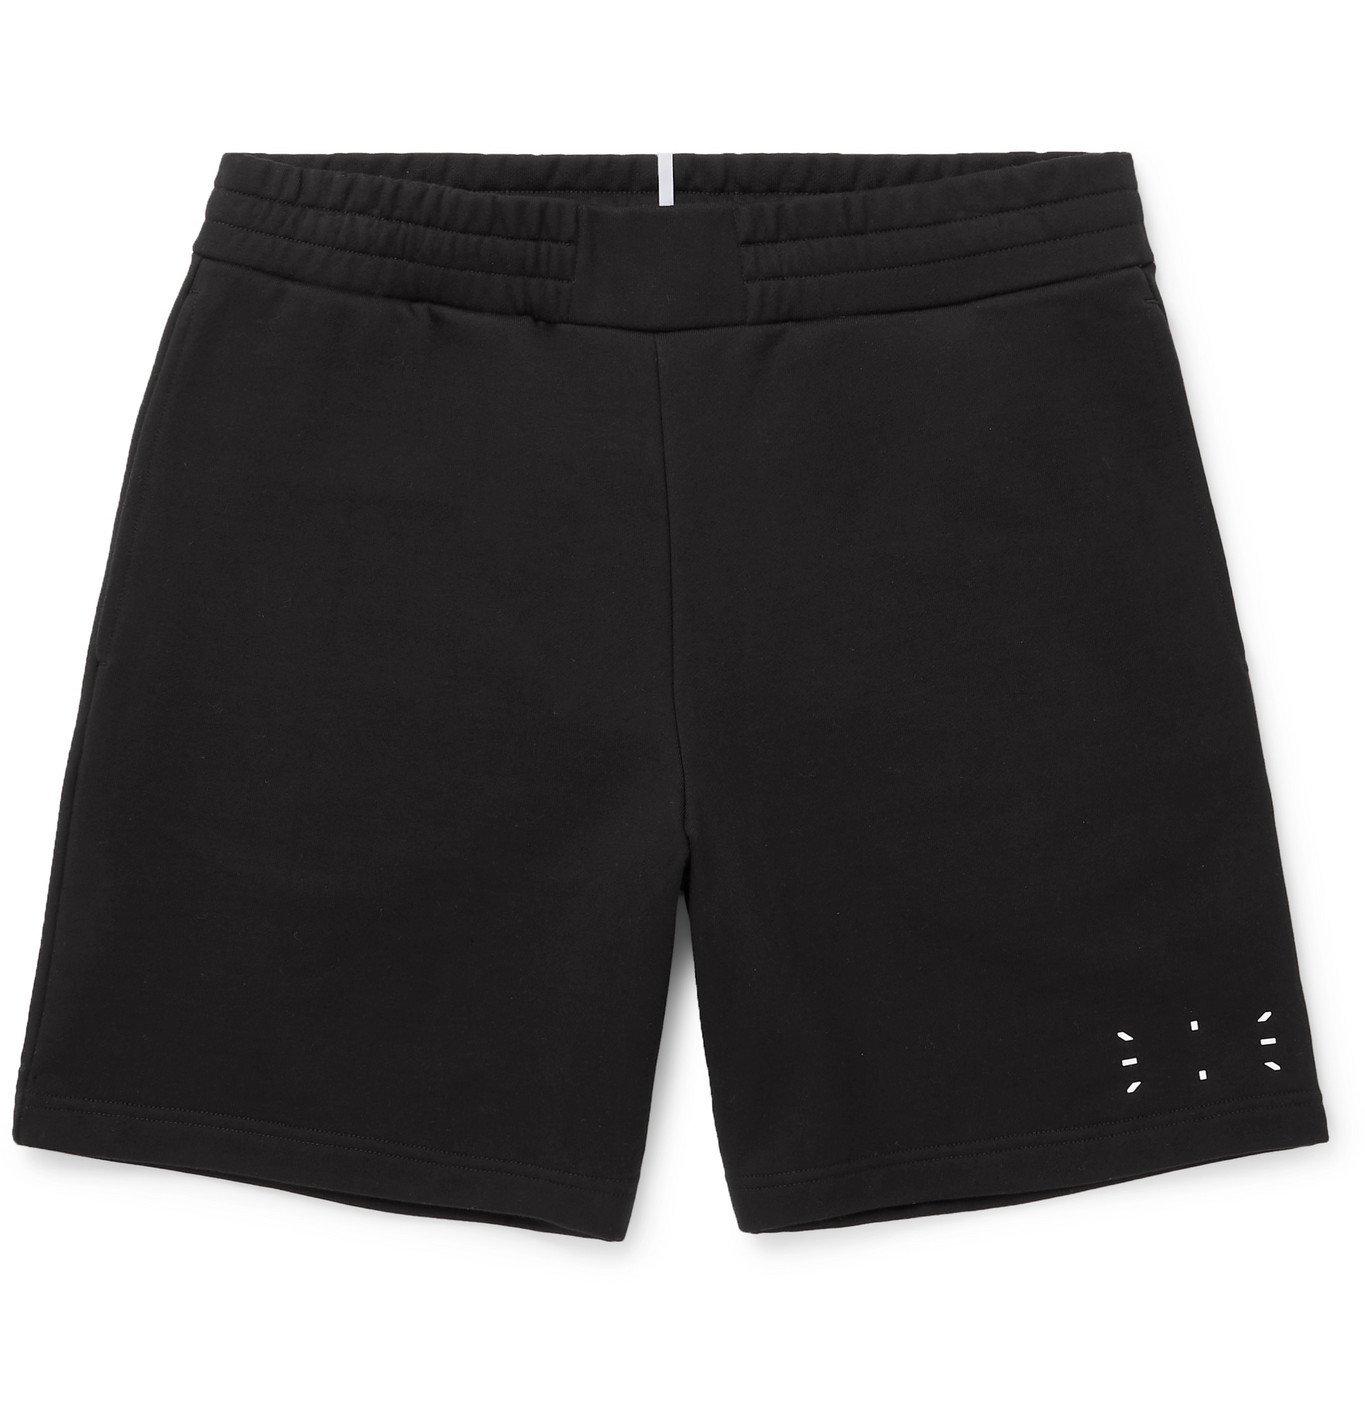 MCQ - Wide-Leg Appliquéd Cotton-Jersey Shorts - Black